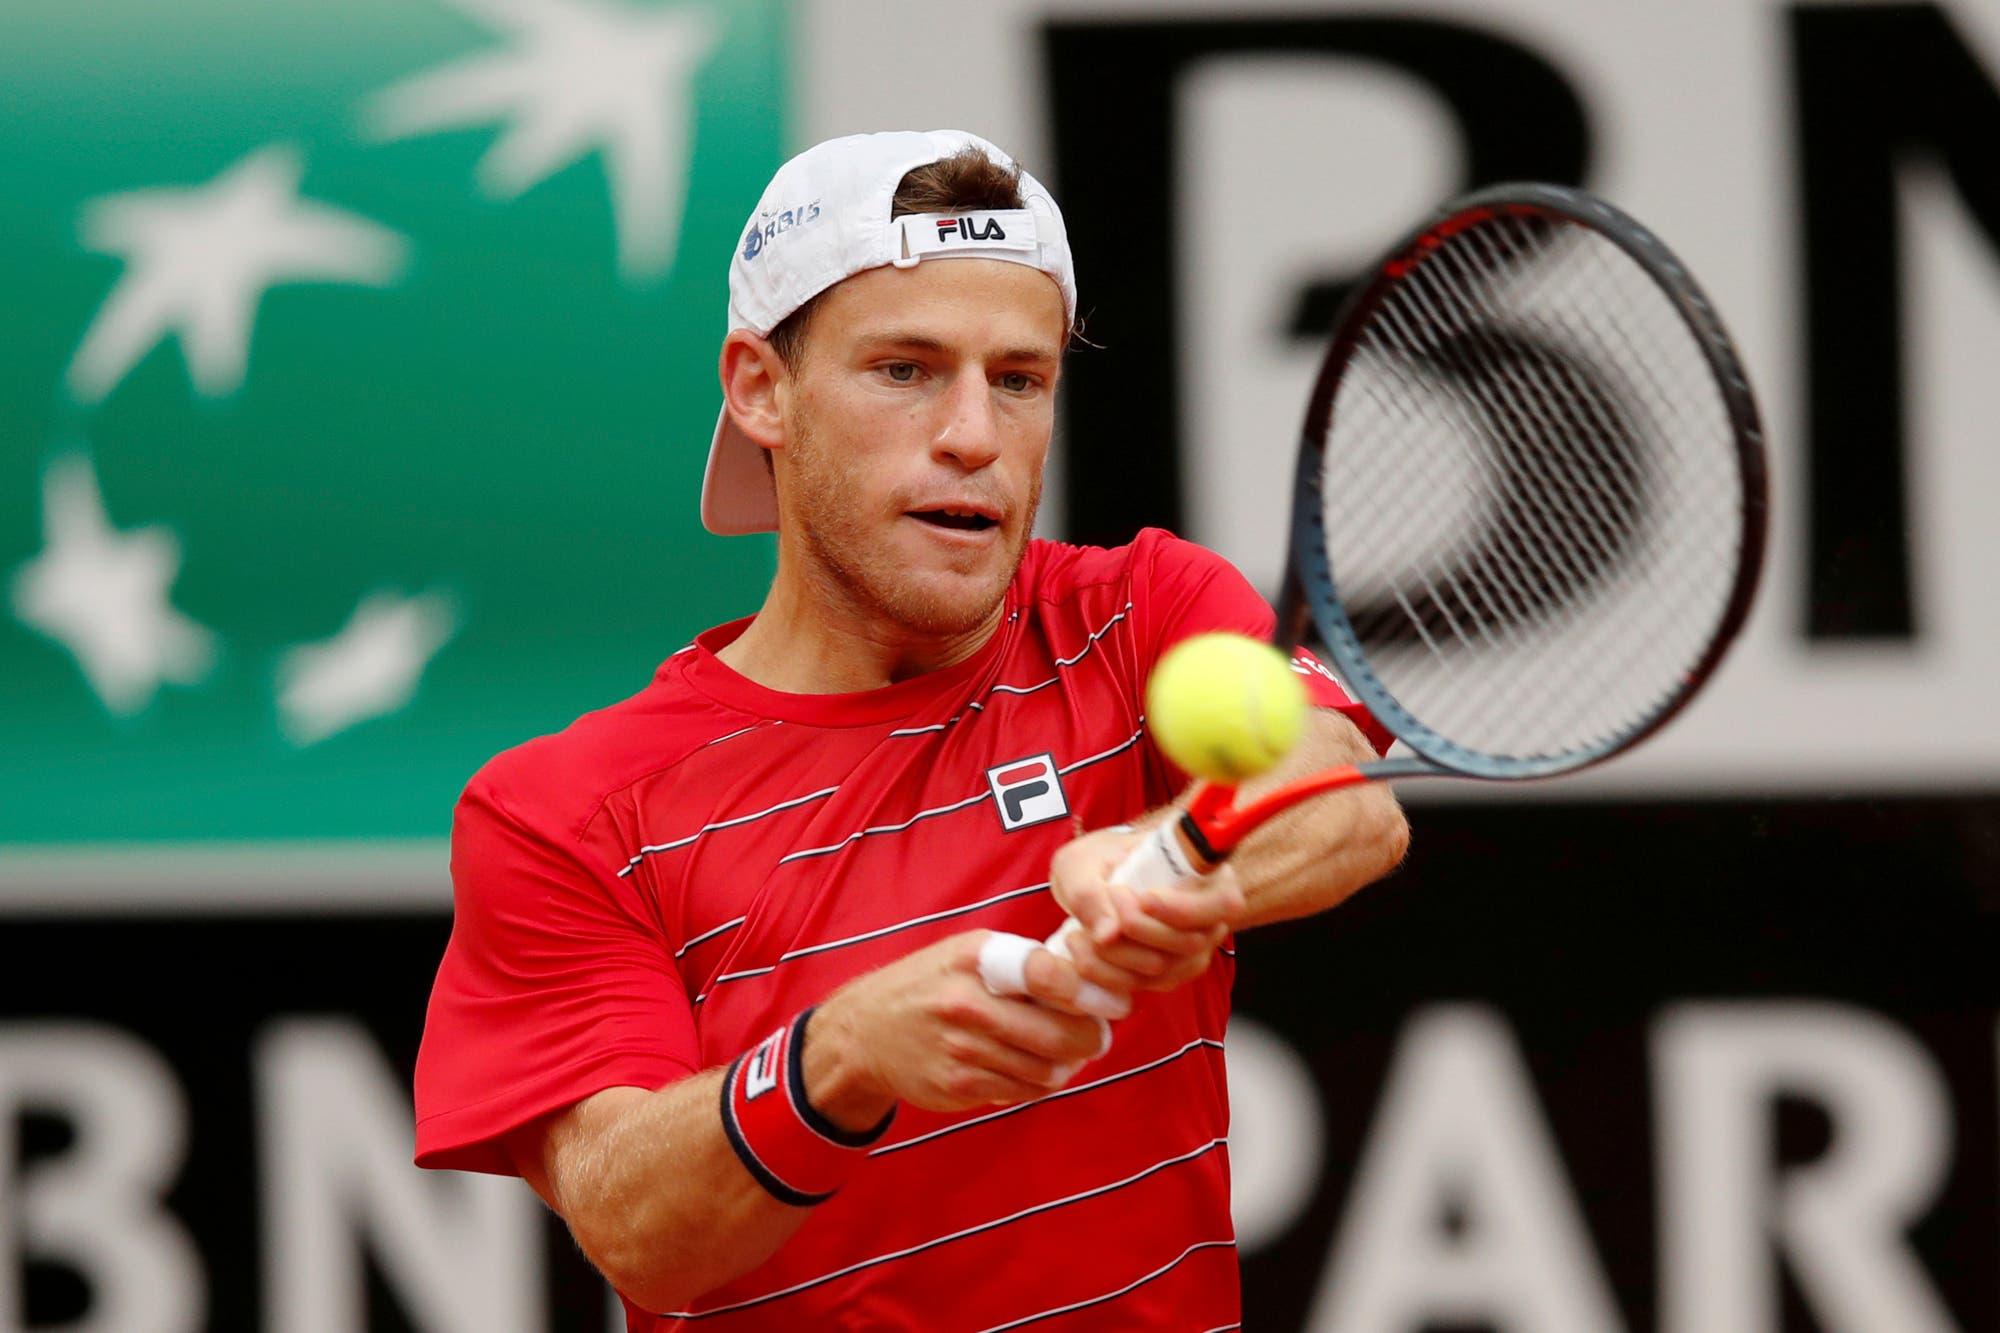 Rumbo a París: cuál es la única preocupación de Diego Schwartzman antes de jugar en Roland Garros